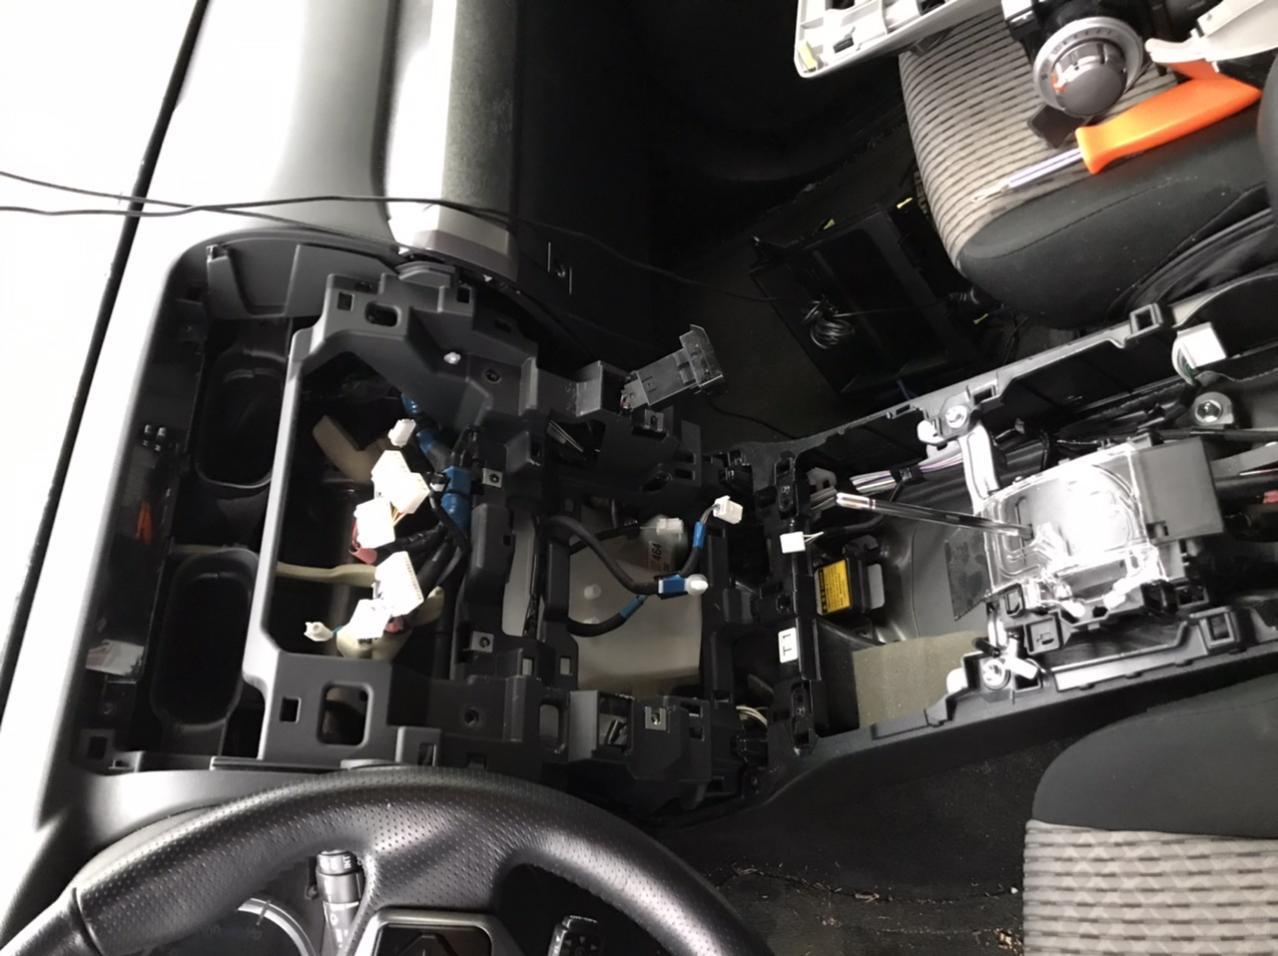 Radio/GPS area illumination lights-4081b6a9-c509-4400-985d-e3da54c3a528-jpg